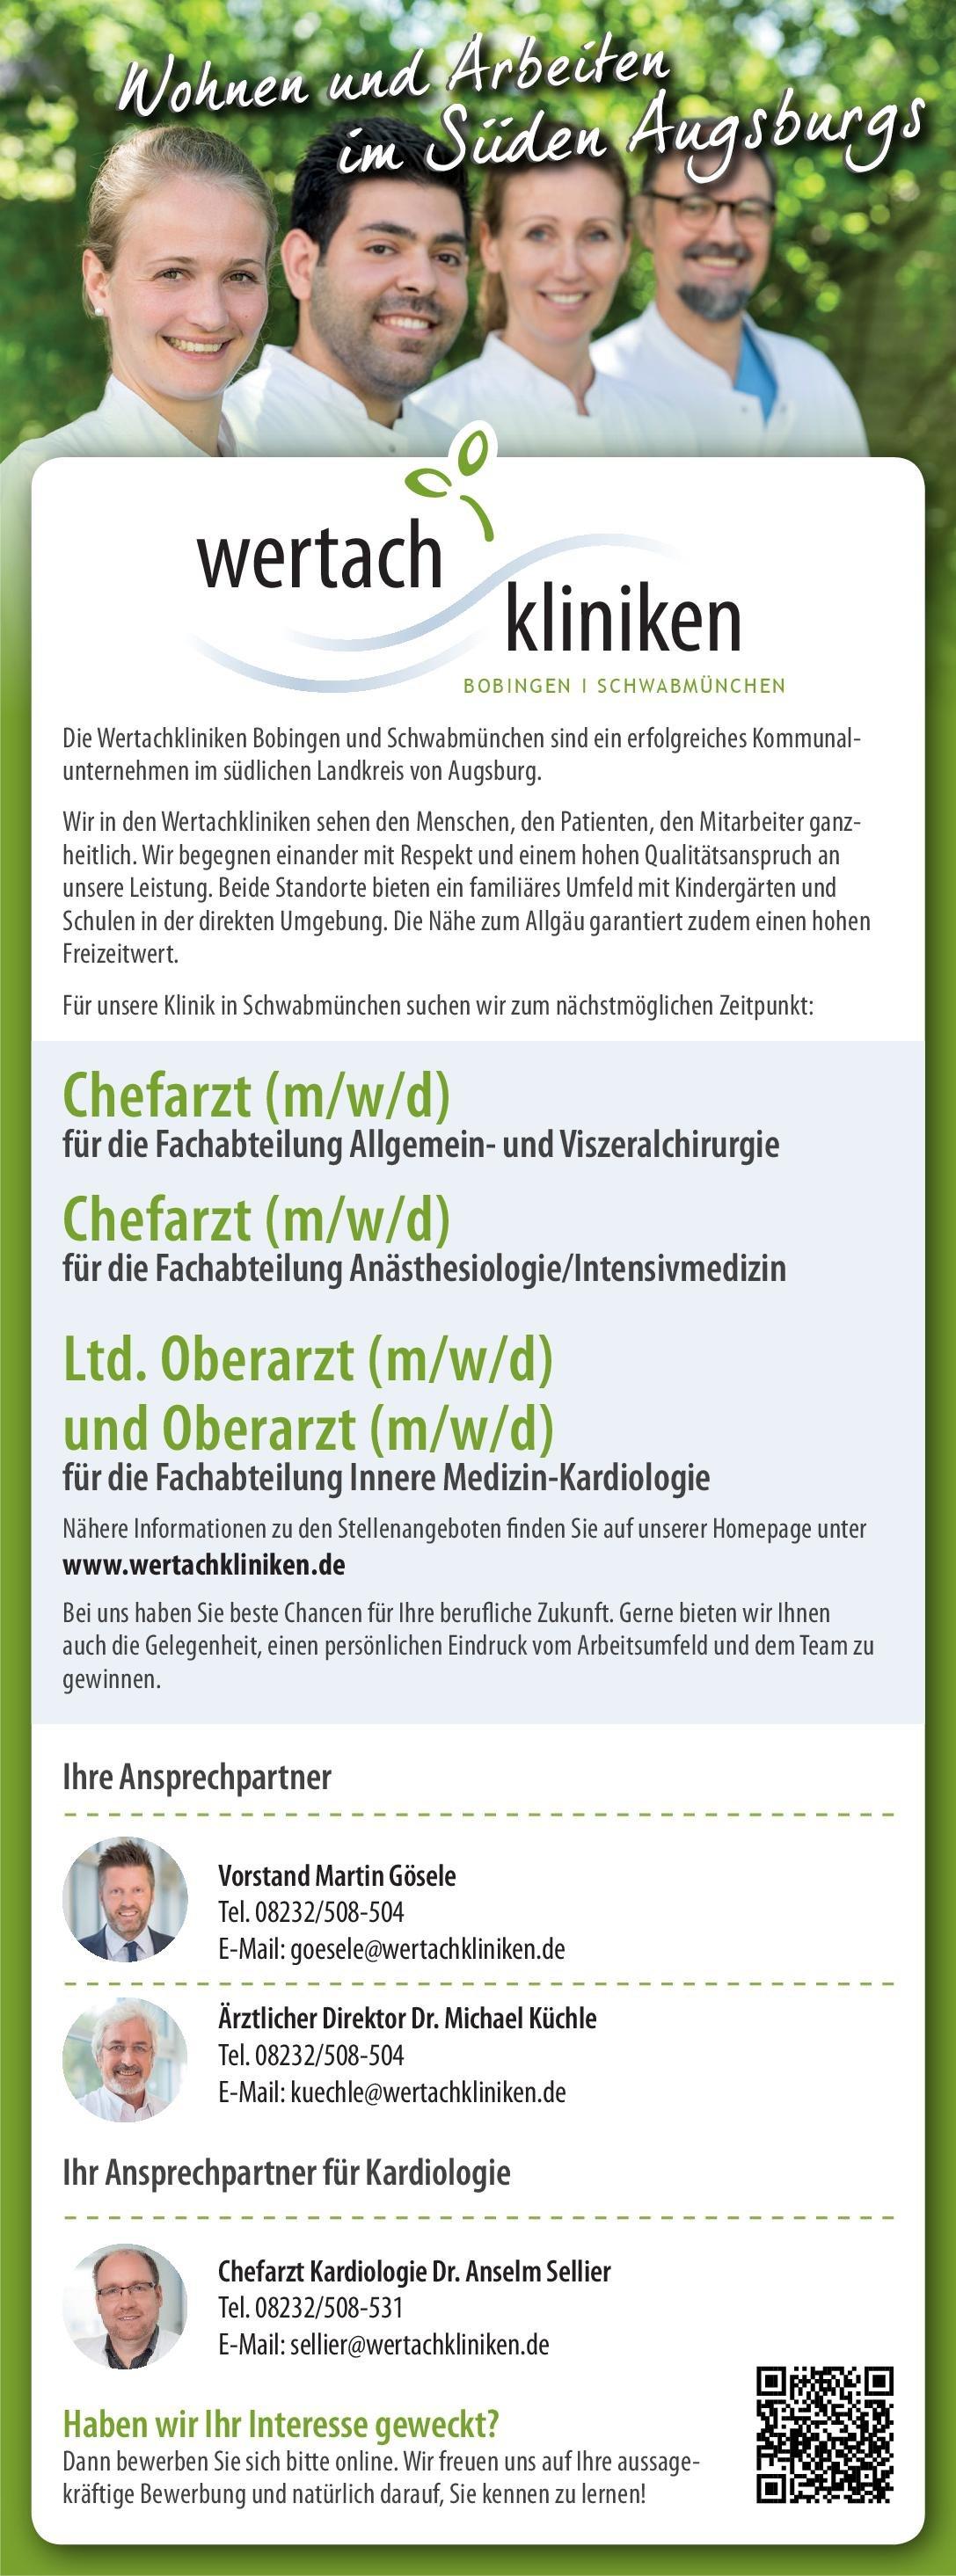 Wertachkliniken Bobingen und Schwabmünchen Chefarzt (m/w/d) für die Fachabteilung Allgemein- und Viszeralchirurgie  Allgemeinchirurgie, Viszeralchirurgie, Chirurgie Chefarzt